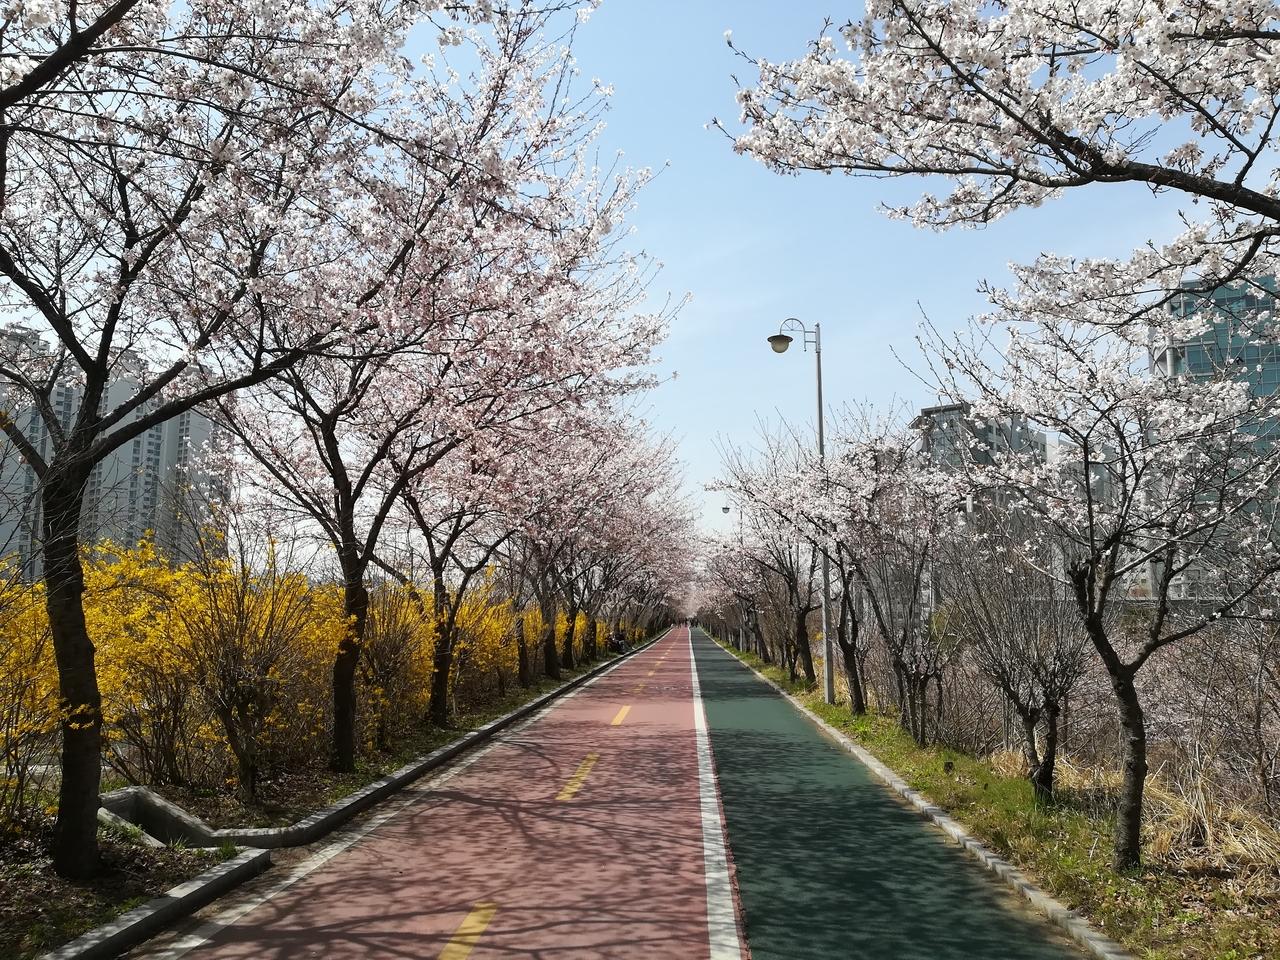 2019 서울 성내천 벚꽃 만발 그리고 내나라 여행박람회